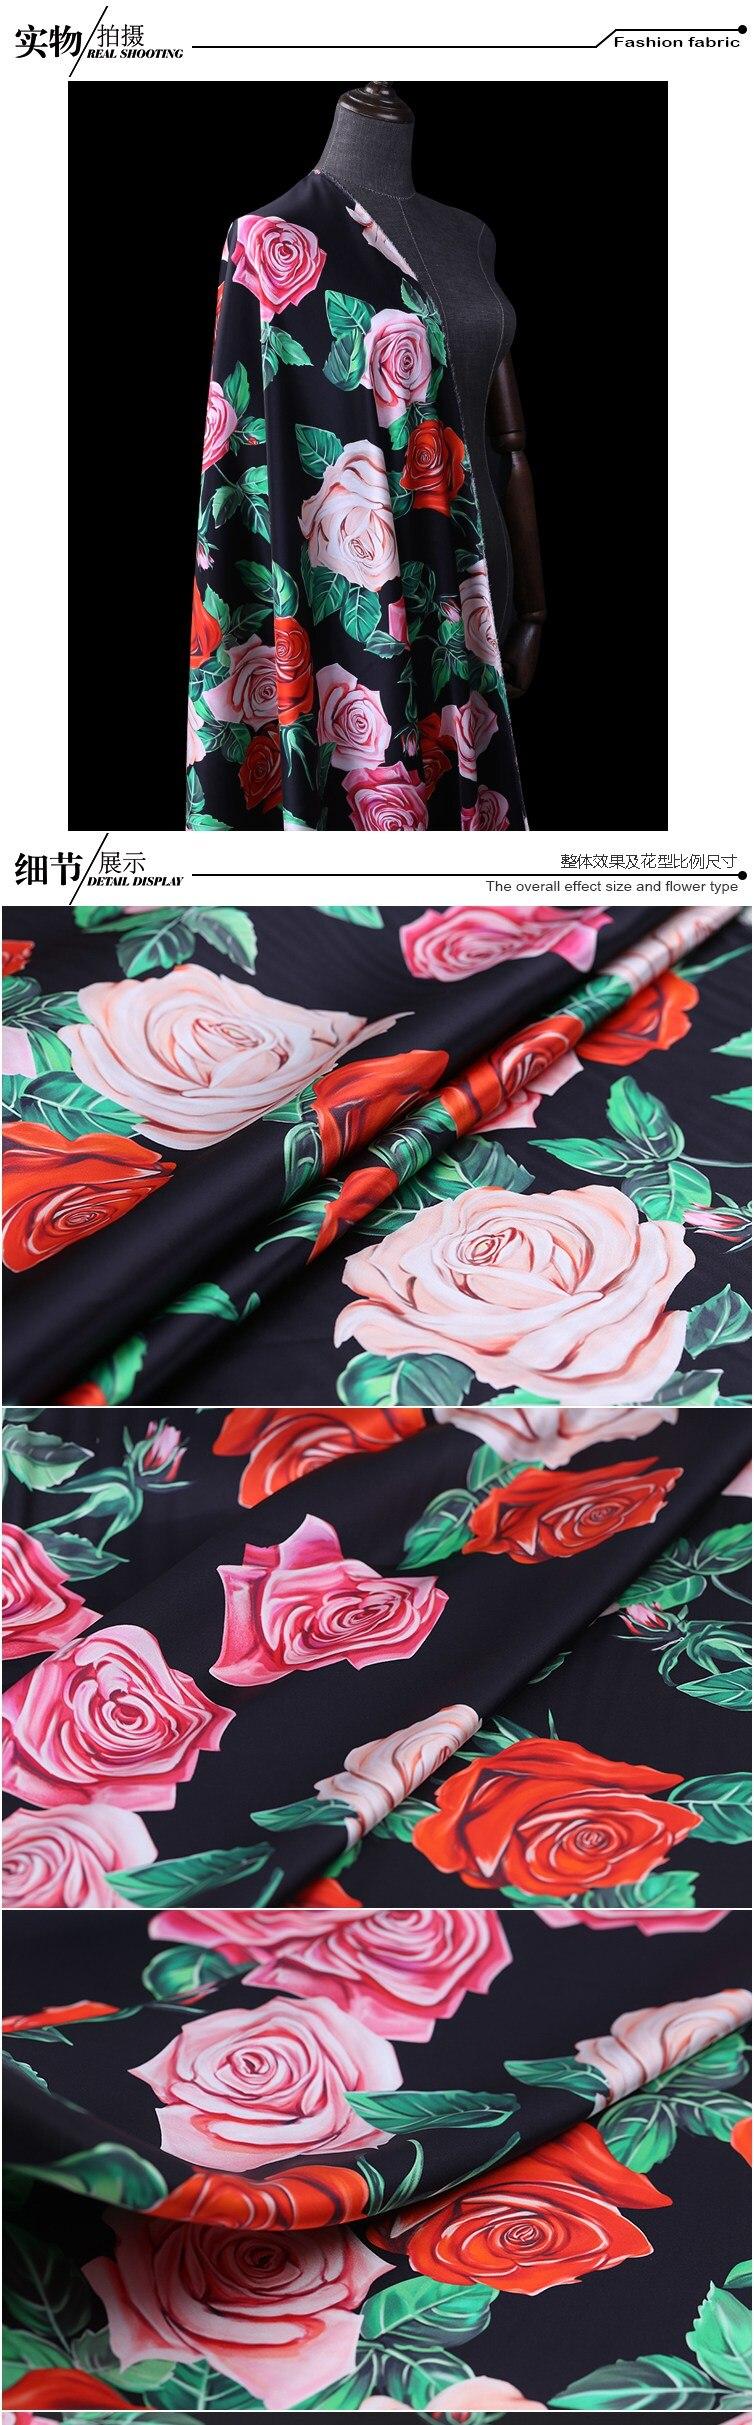 tecido de cetim vestido de cheongsam subiu tecido de seda atacado pano